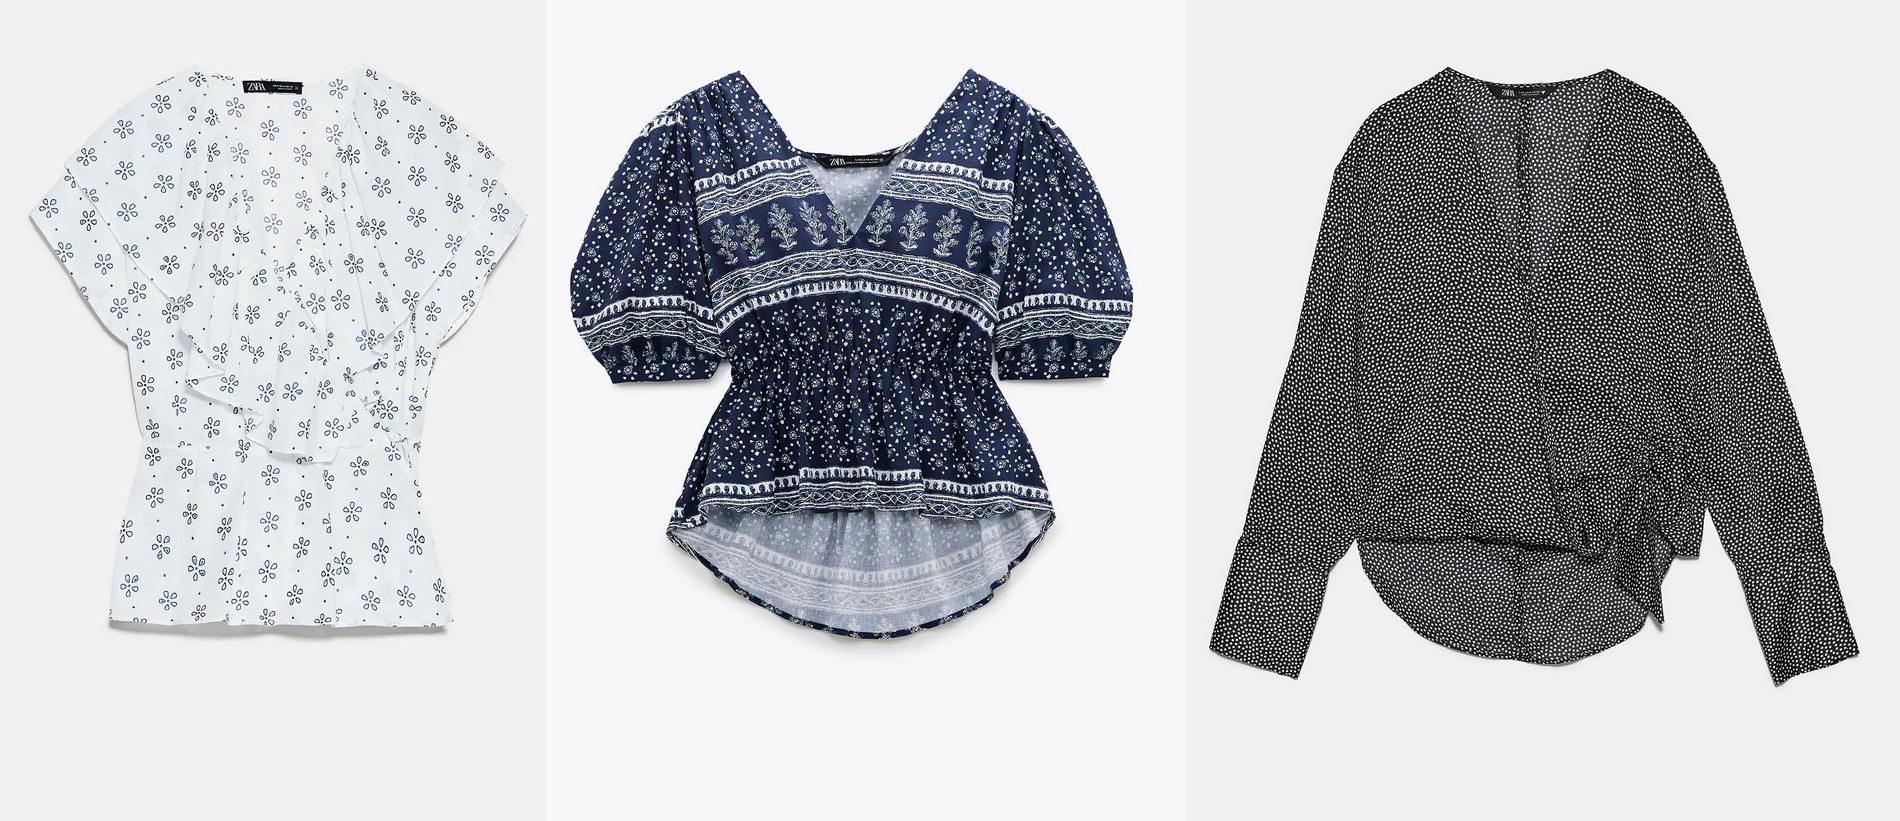 Ostatnie sztuki damskiej odzieży w @ZARA - zestawienie